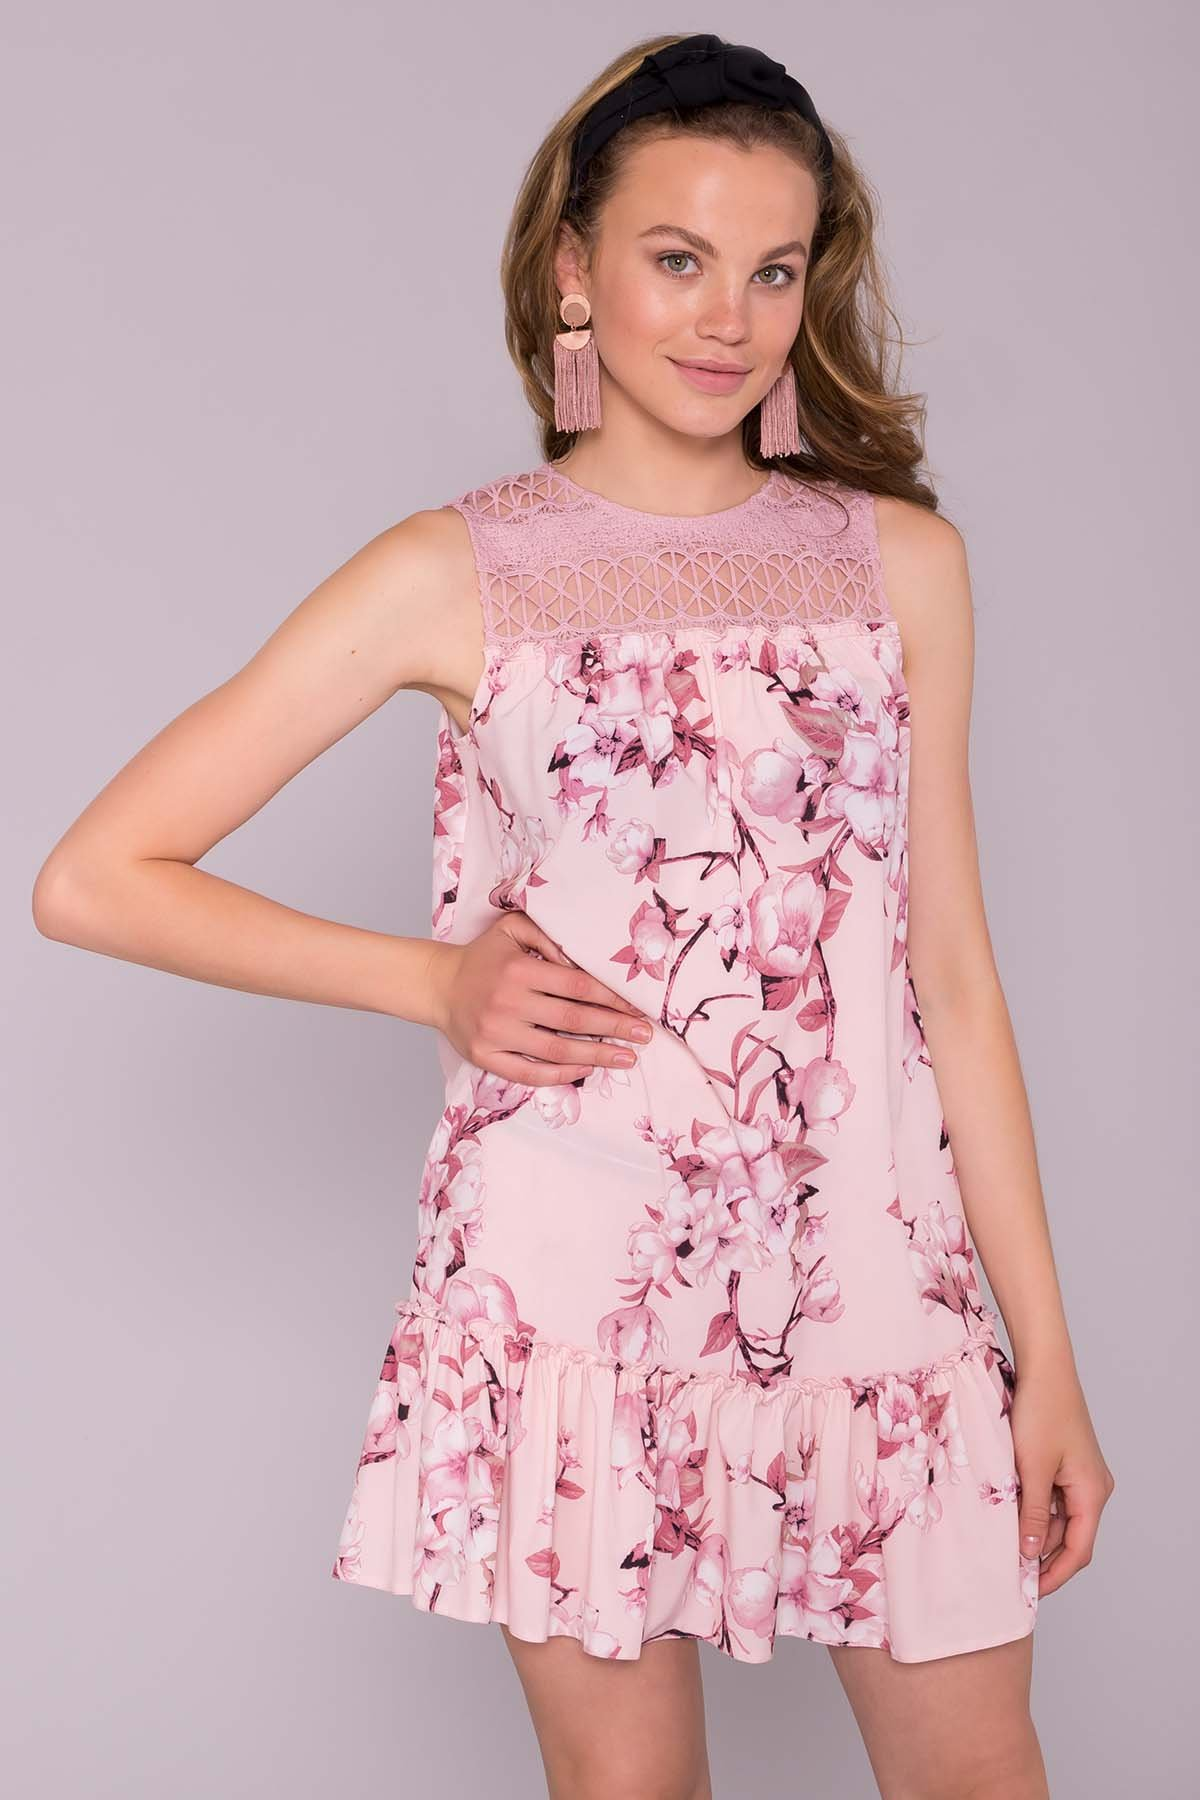 Платье Флеа 7112 АРТ. 42795 Цвет: Цветы на ветке пудра тем - фото 3, интернет магазин tm-modus.ru